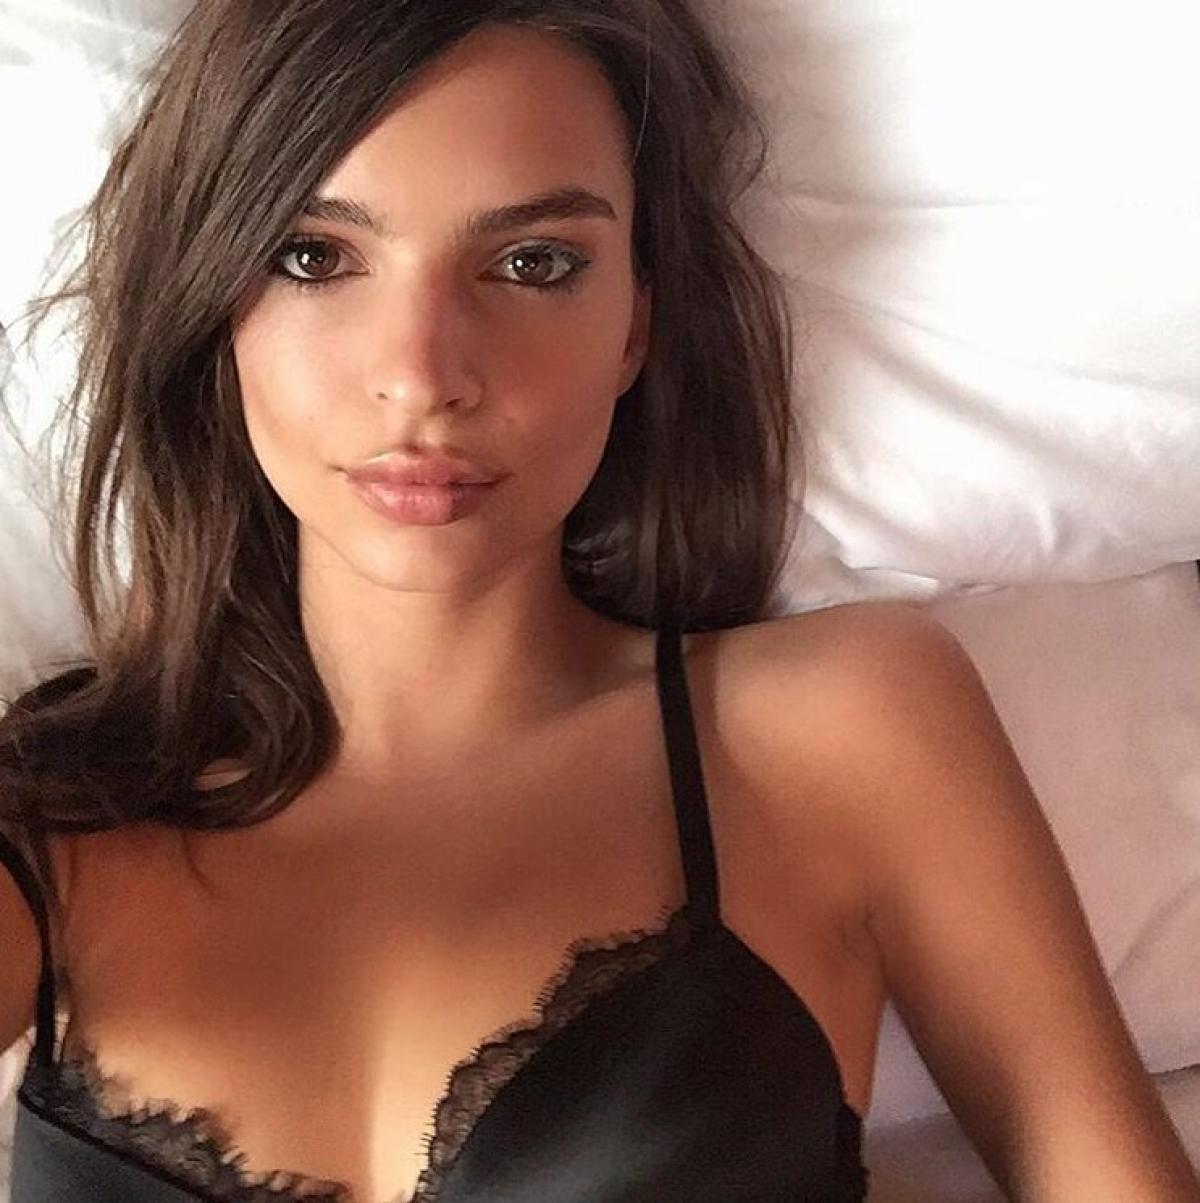 Demi lovato swimsuit selfie 2